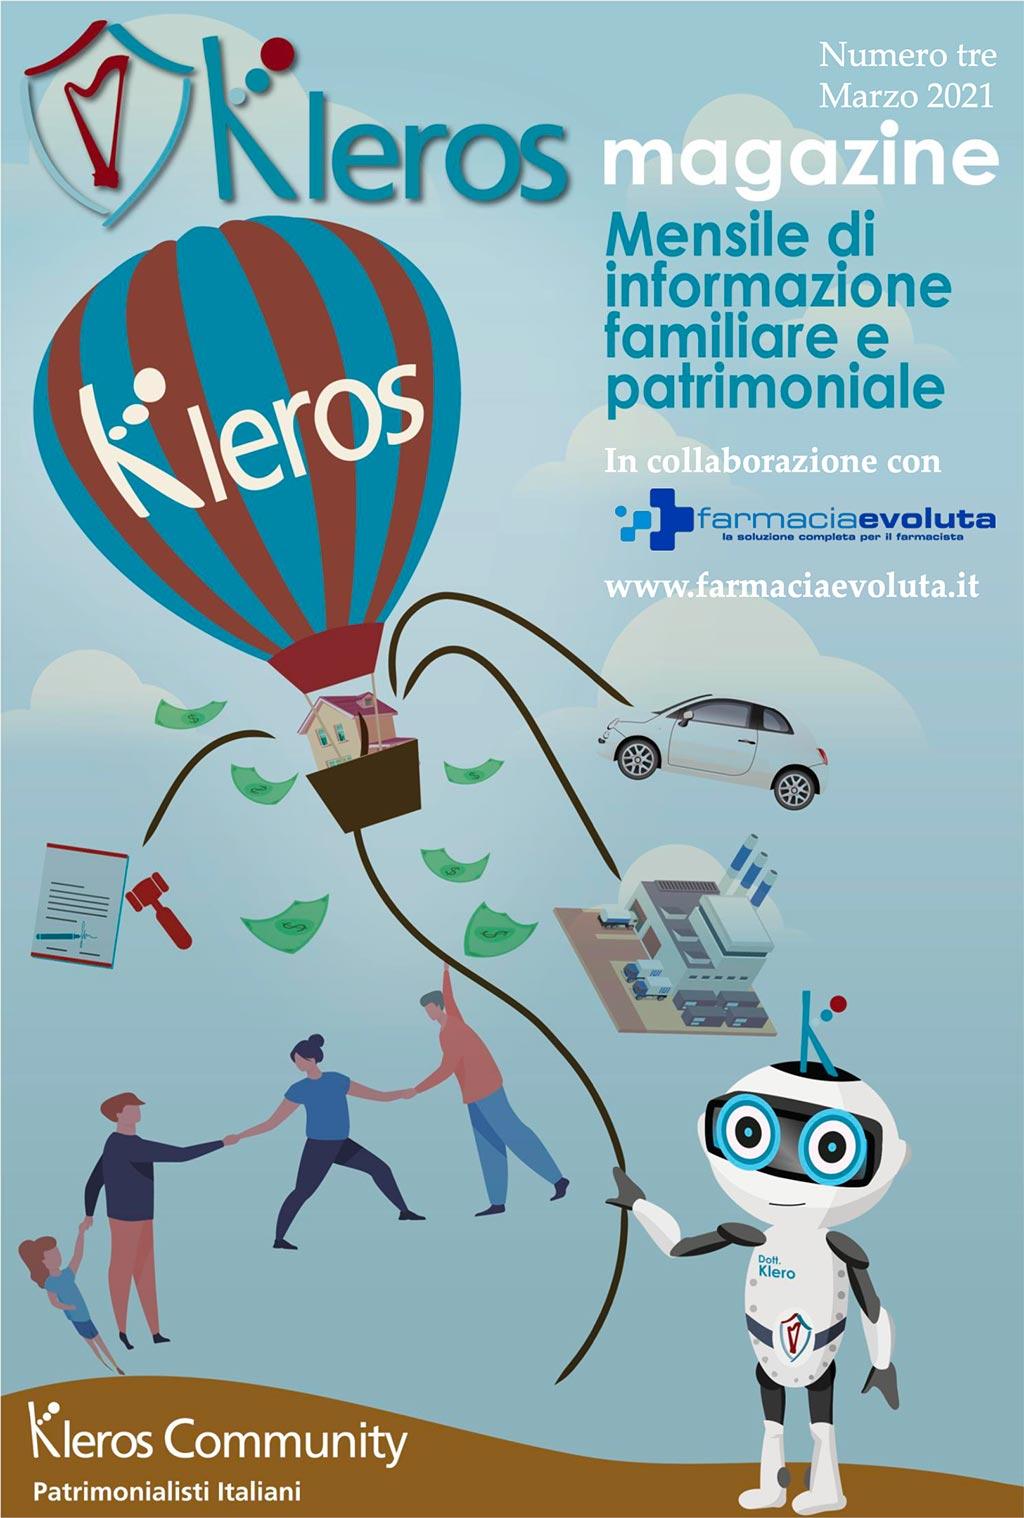 Kleros magazine in collaborazione con Farmacia Evoluta